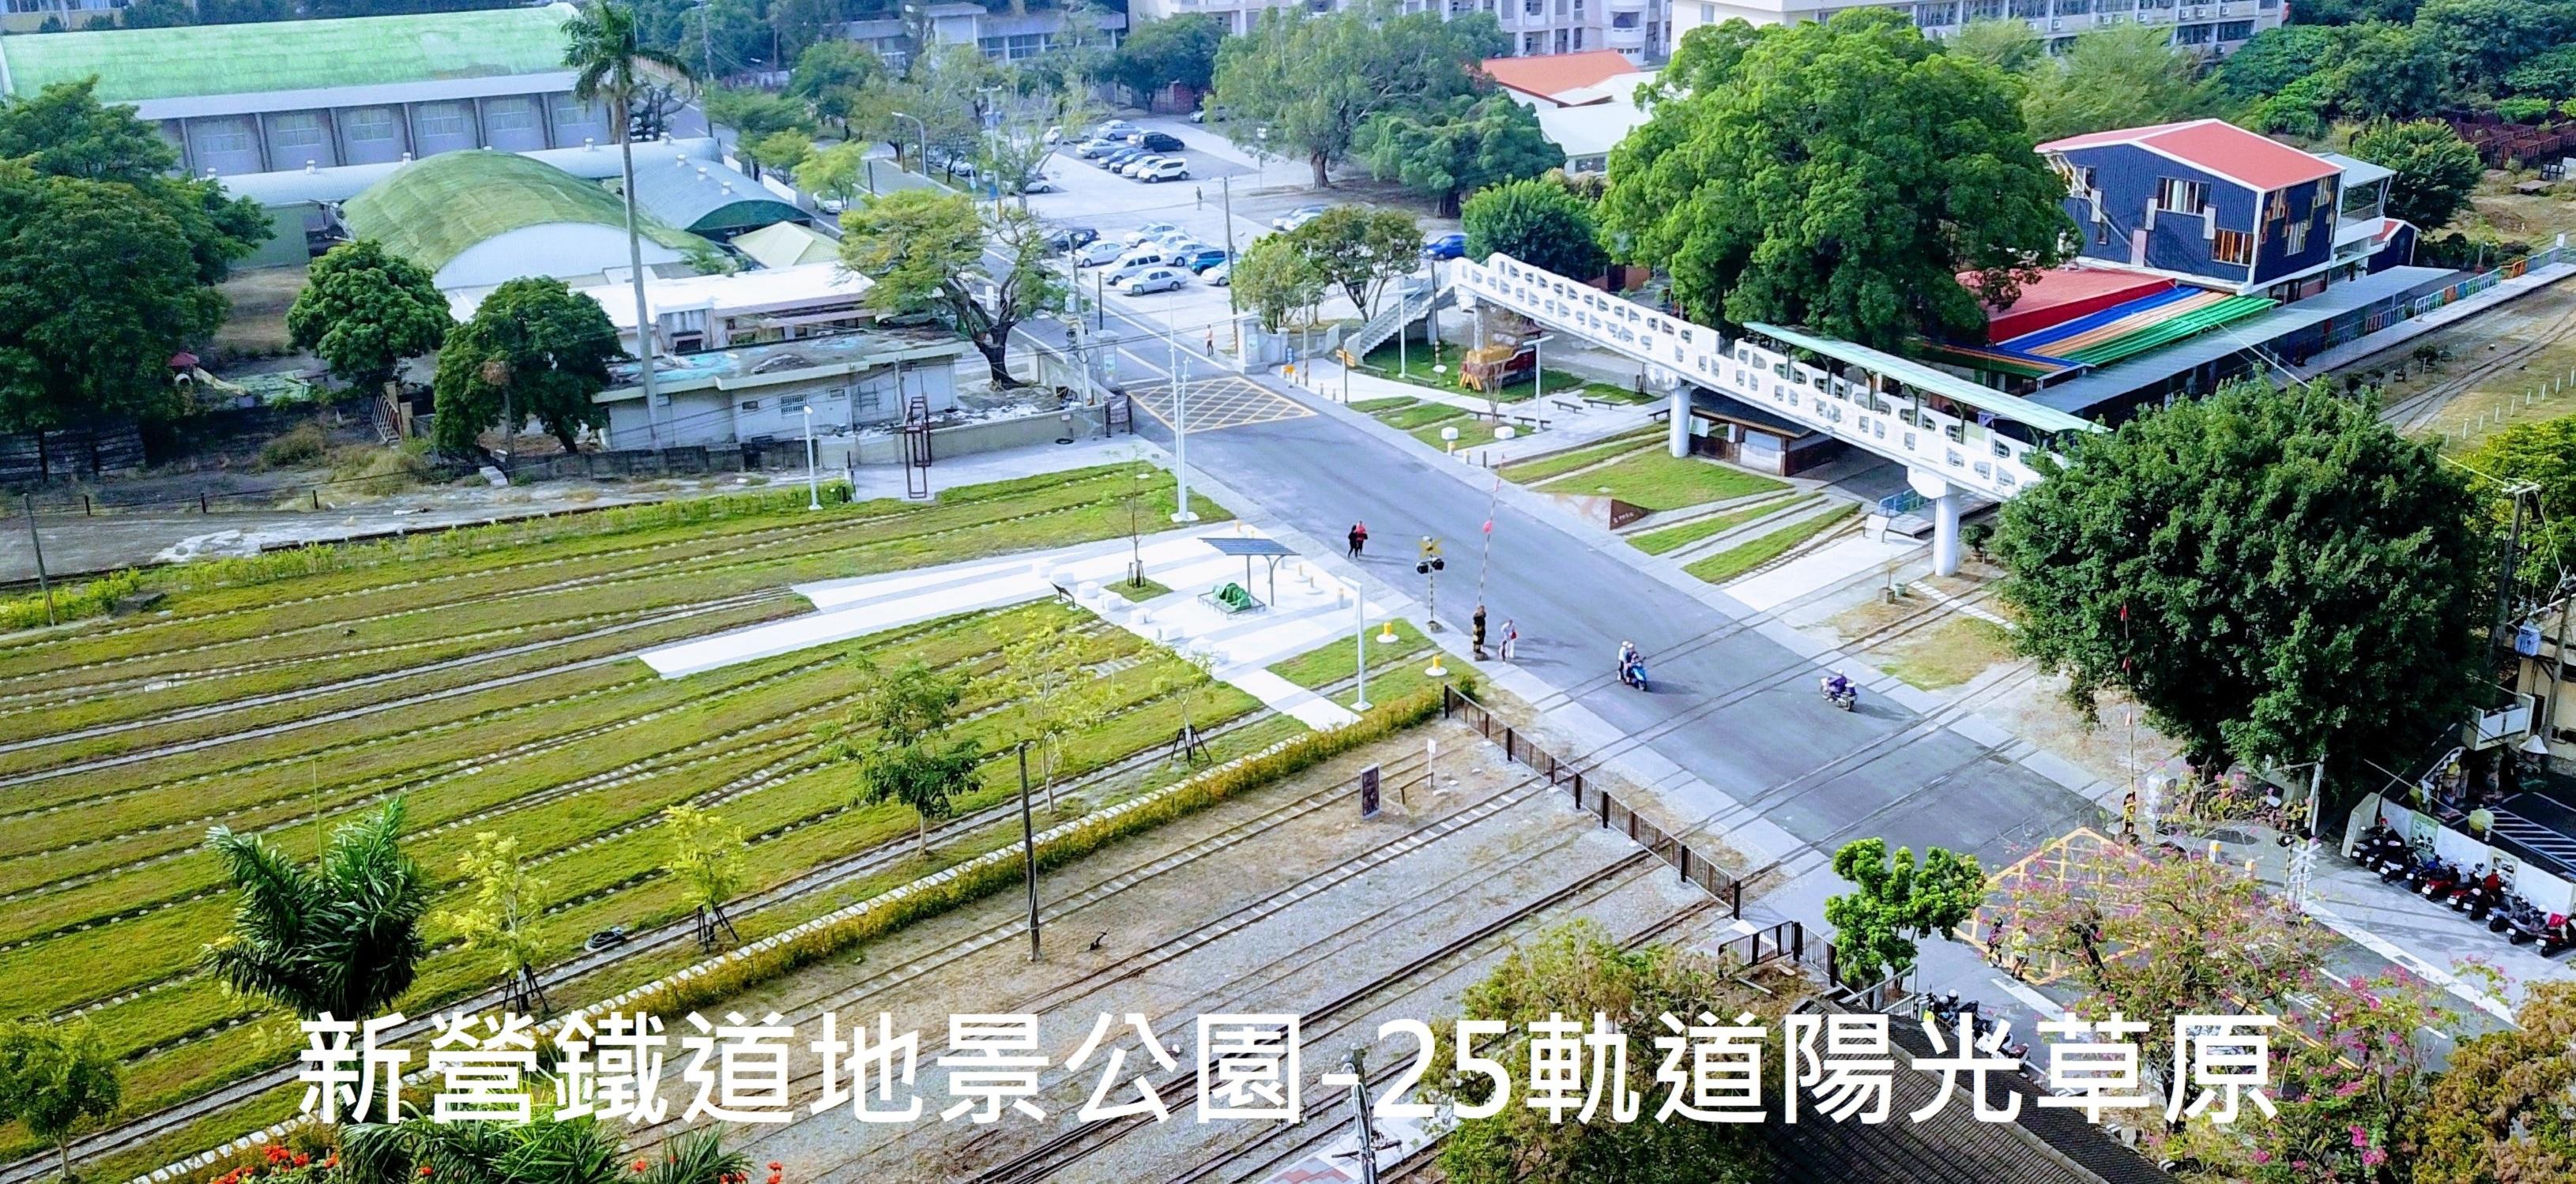 新營鐵道地景公園2期改造成果